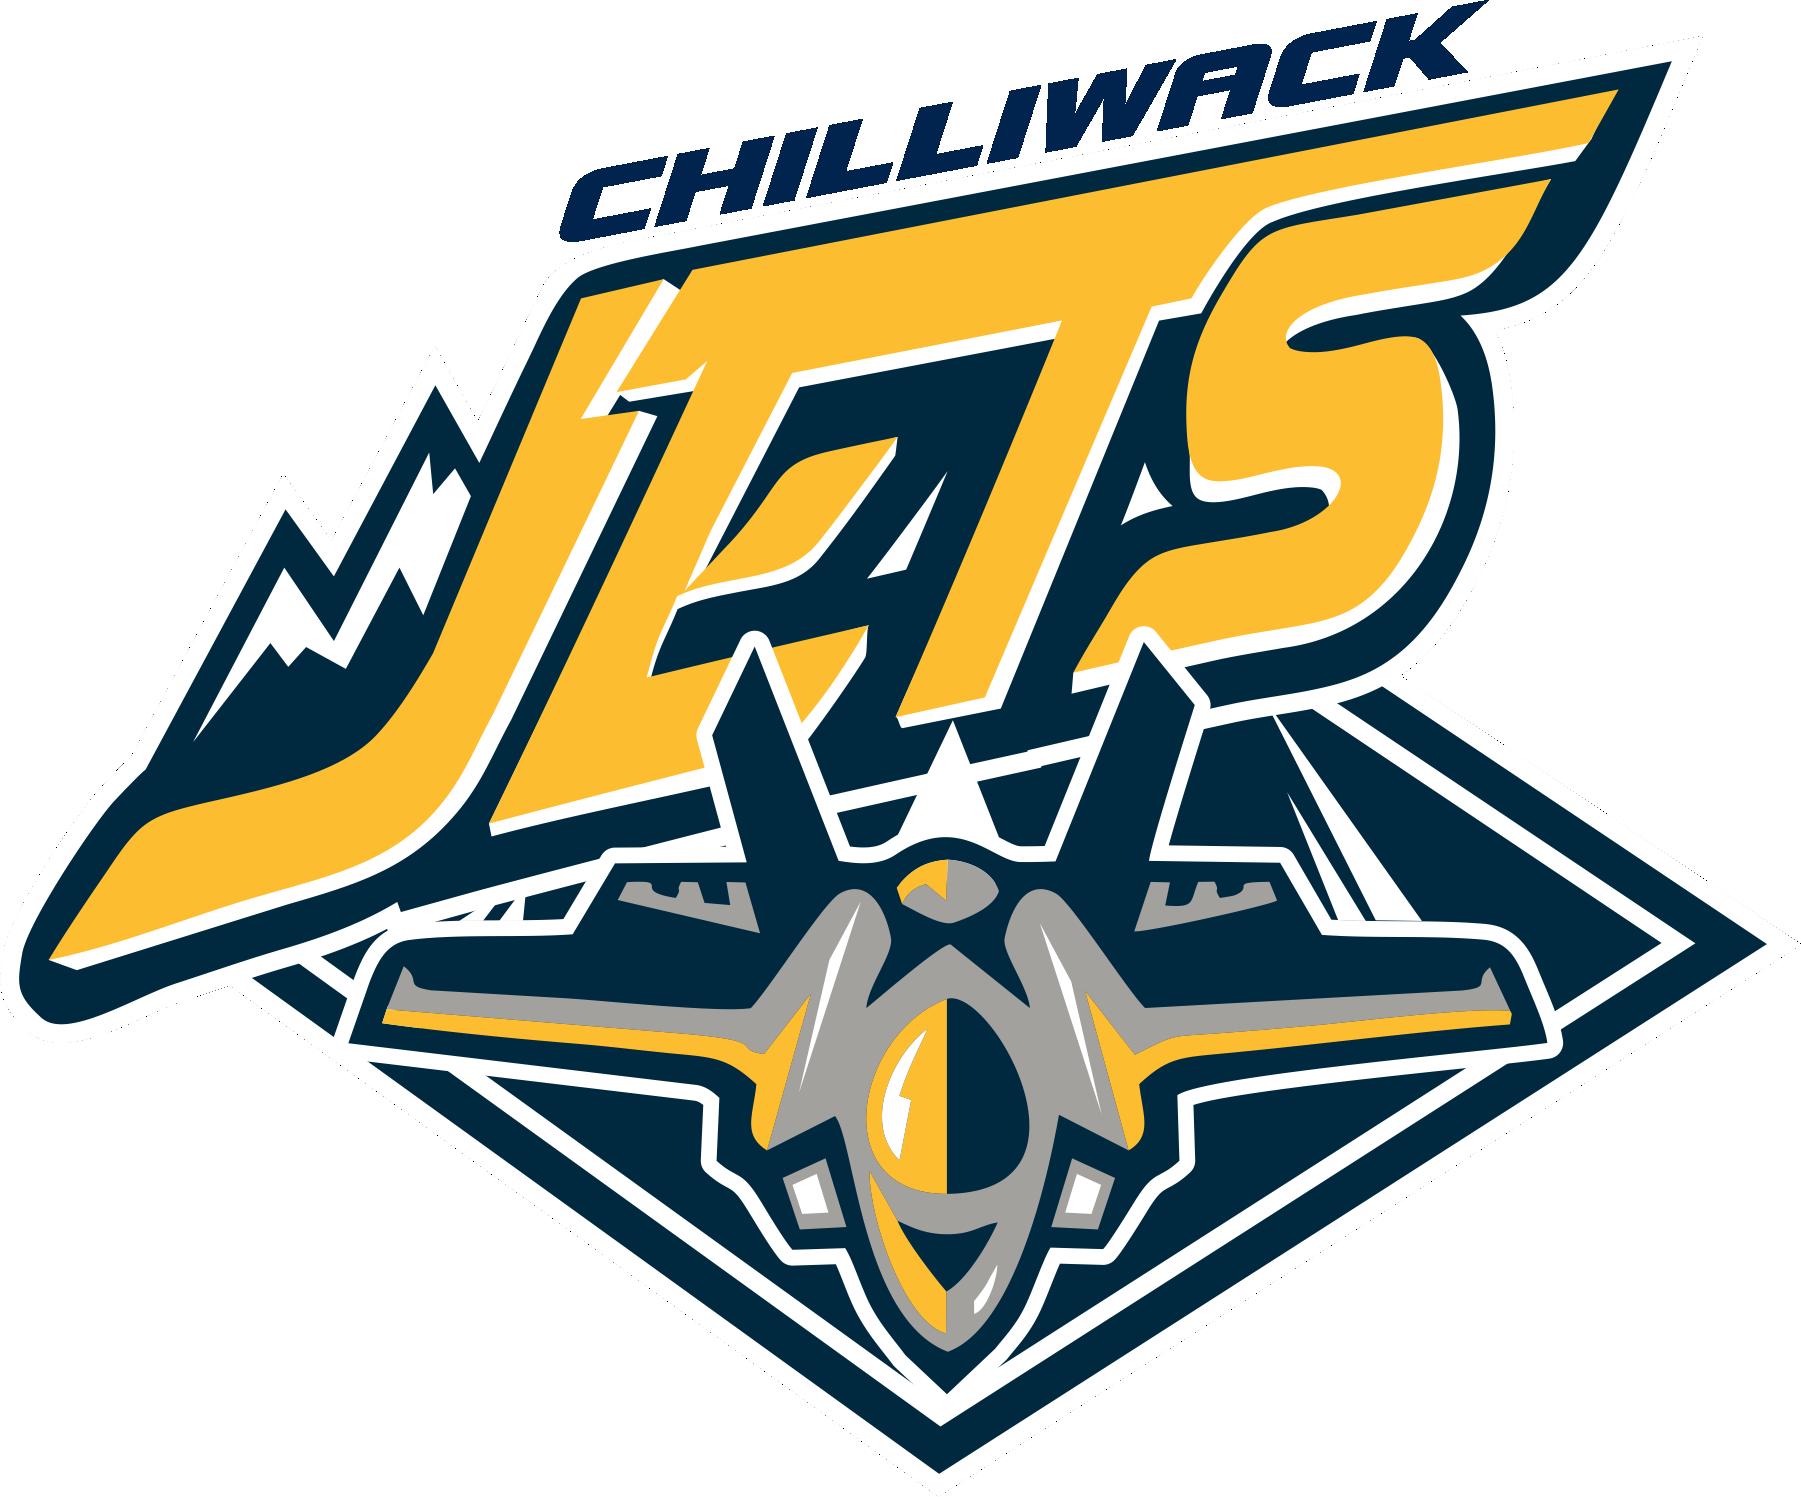 PJHL Awards Expansion Franchise to Chilliwack